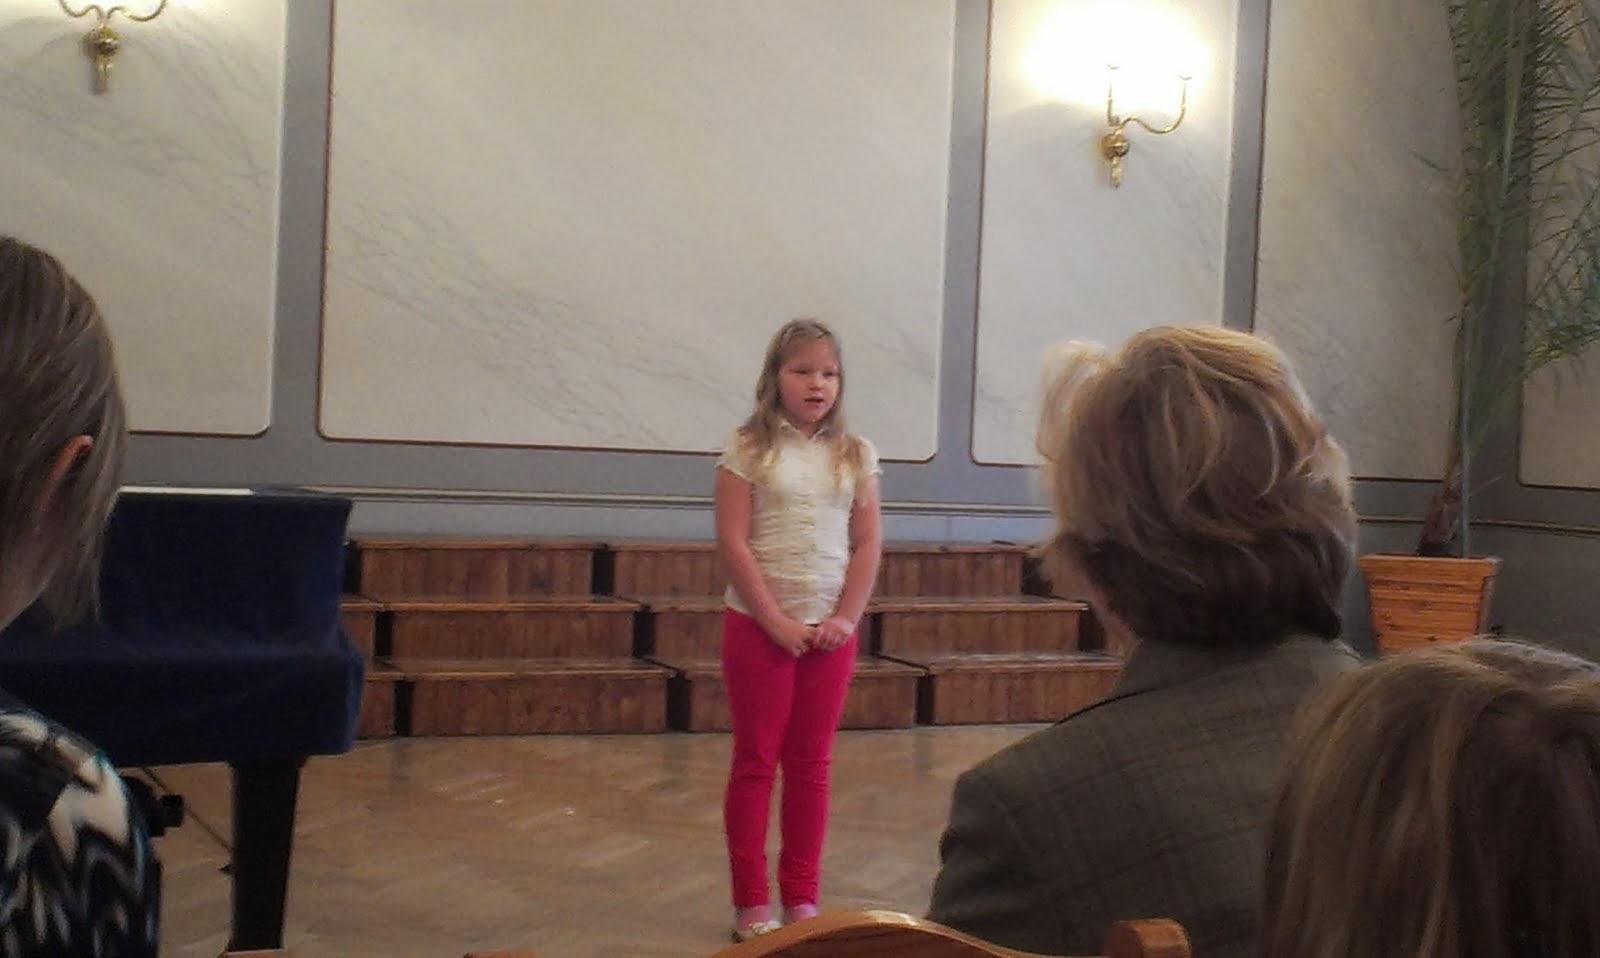 Palju õnne Greitlin! Ülelinnalisel luulekonkursil eripreemia.